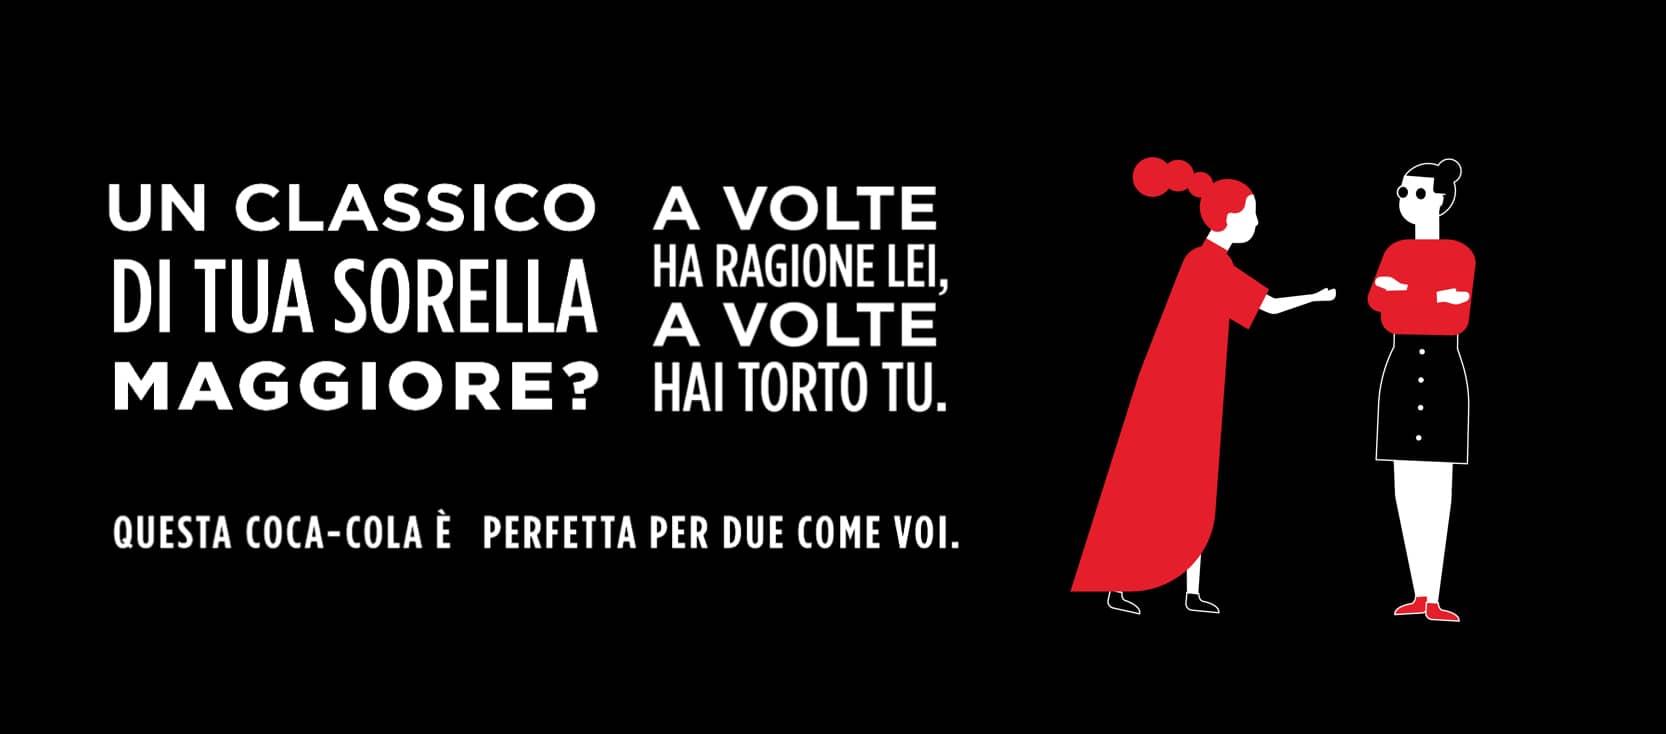 Coca-Cola label design copywriting sorella maggiore